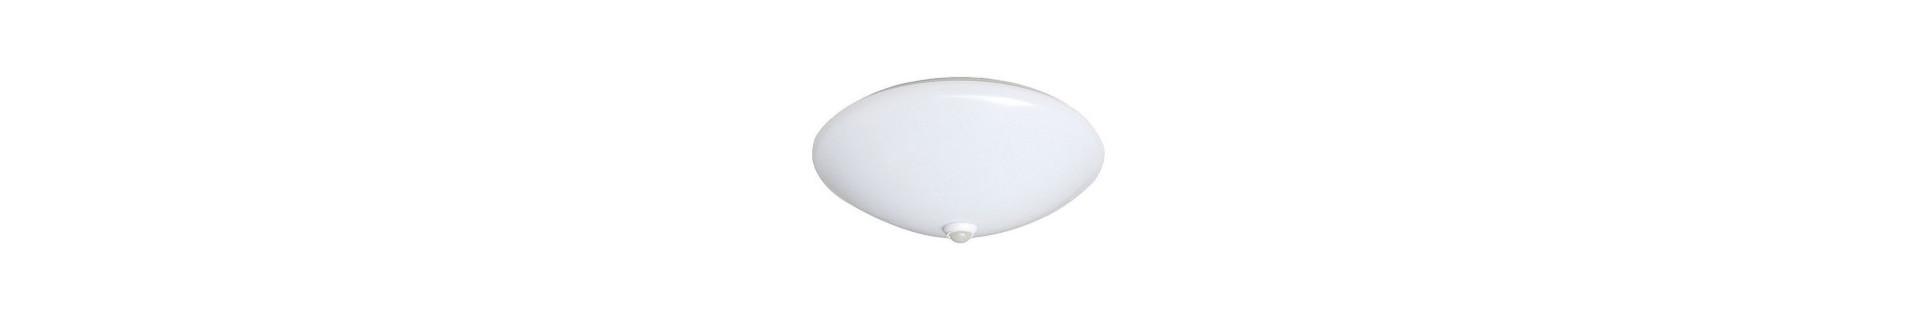 Funkcjonalne i zazwyczaj proste rozwiązania oraz źródła światła do codziennego zastosowania.